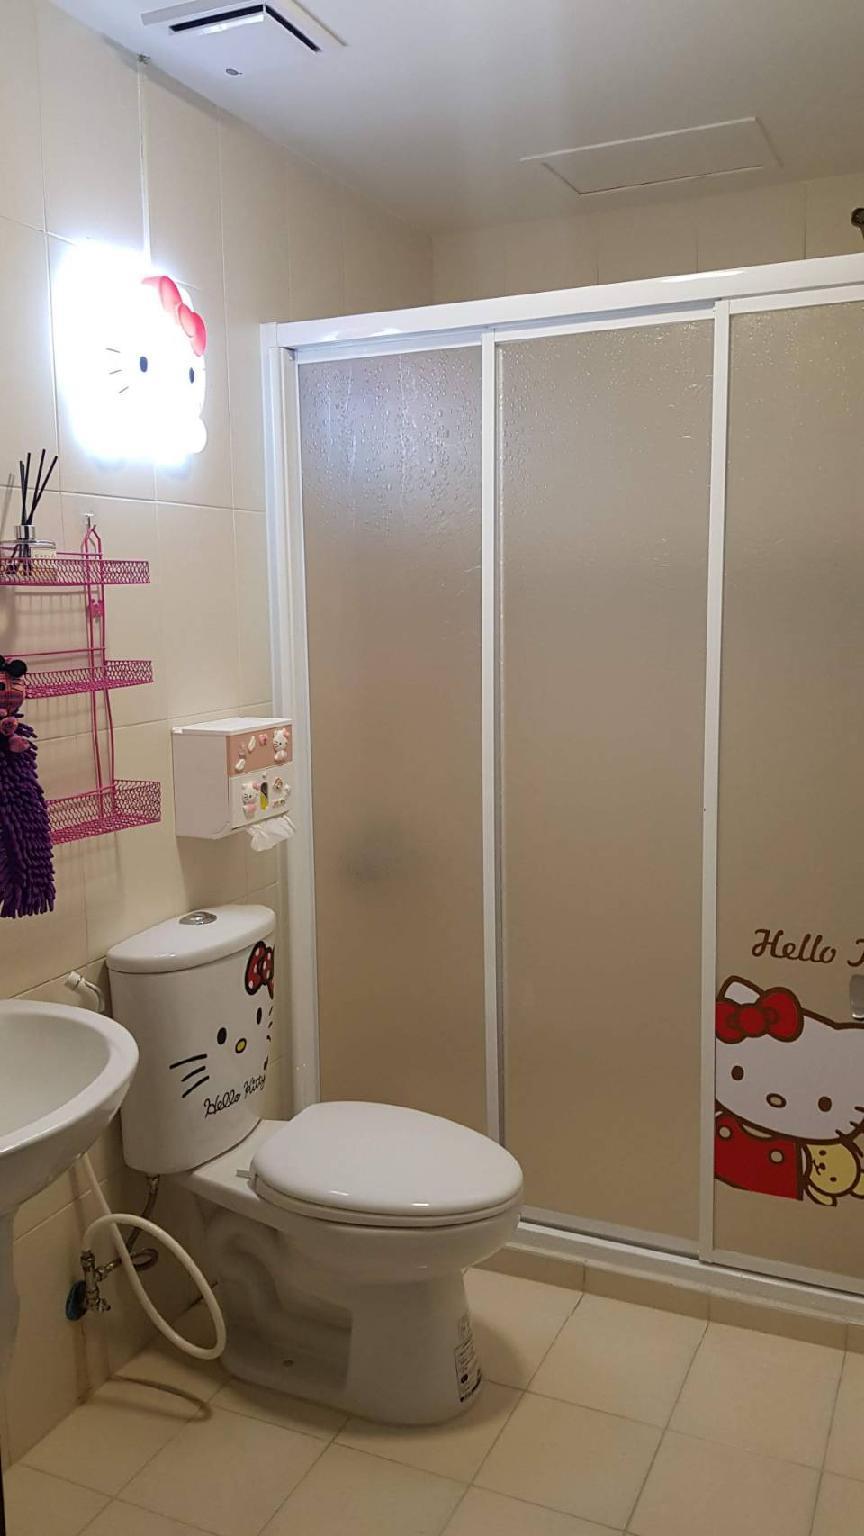 10 négyzetméteres, 1 hálószobás Ház 1 fürdőszobával Annan